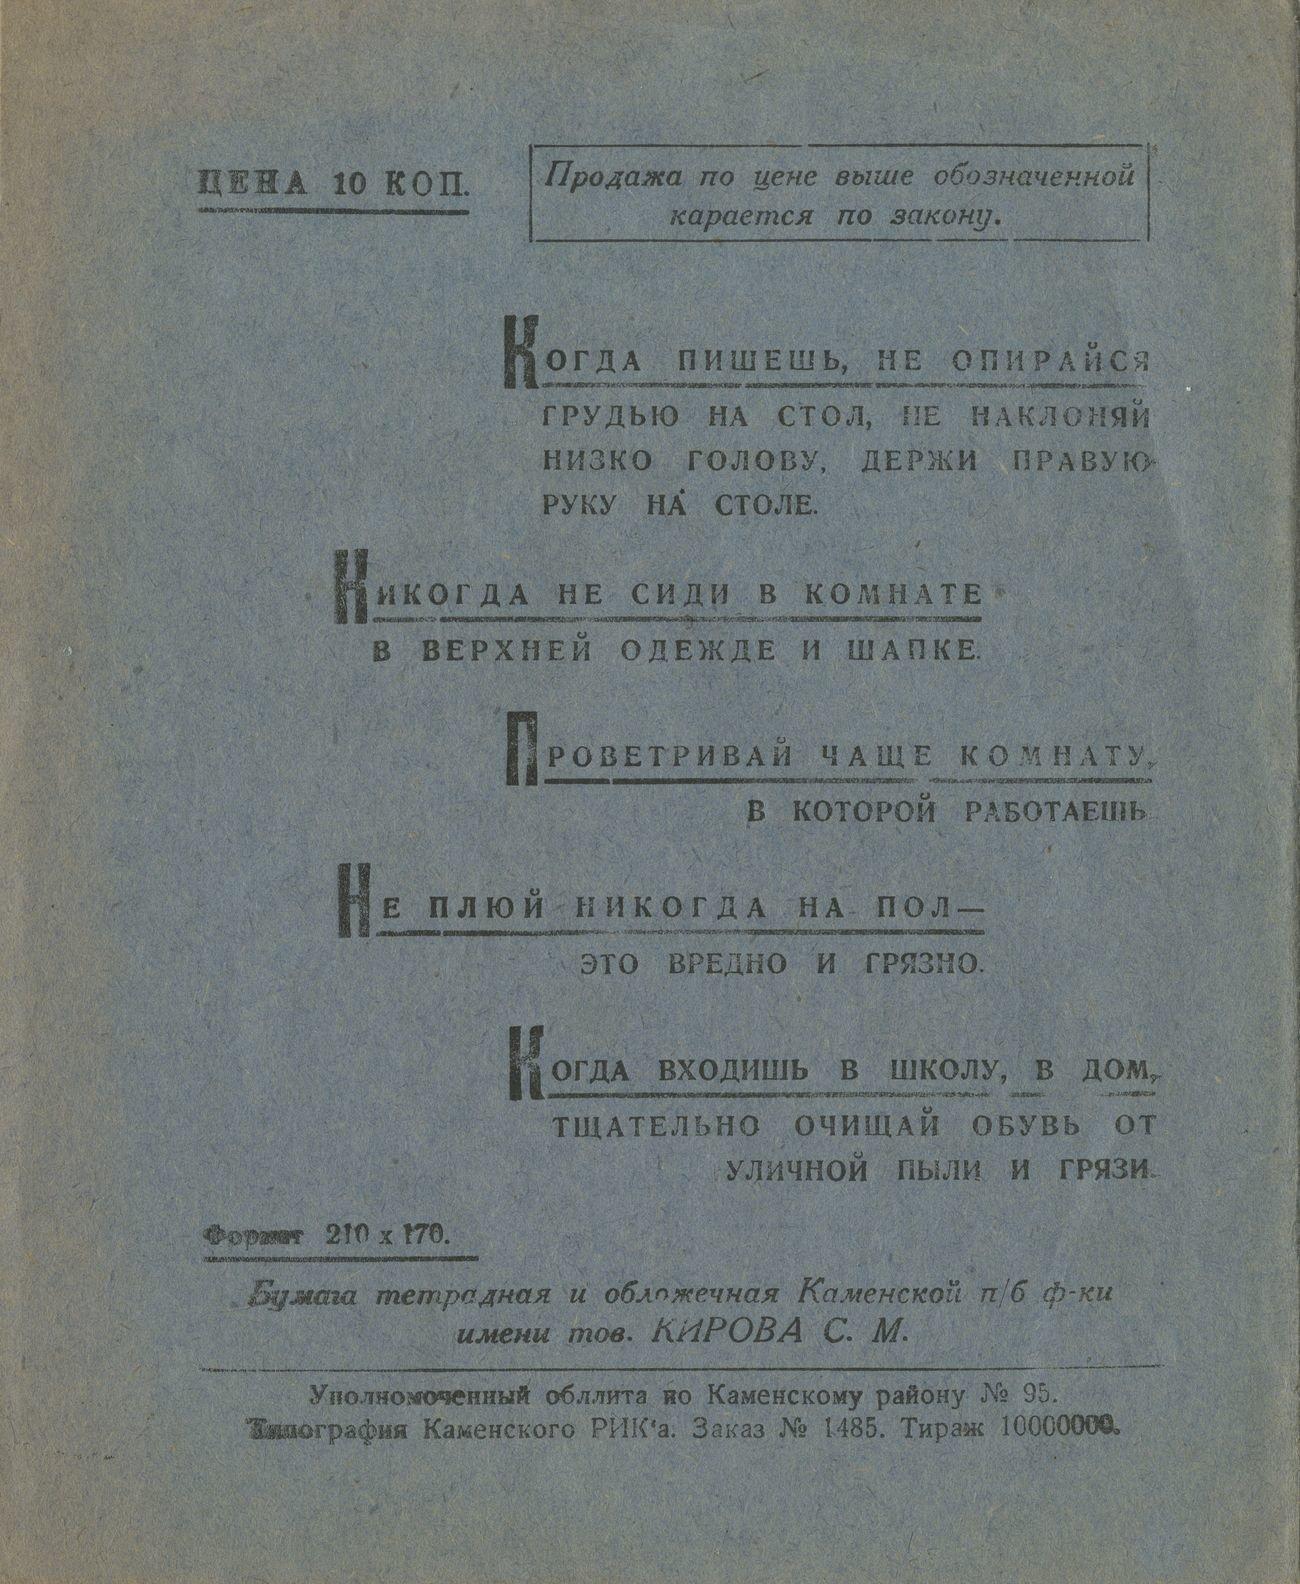 Тетрадь Каменская фабрика, стр. 4